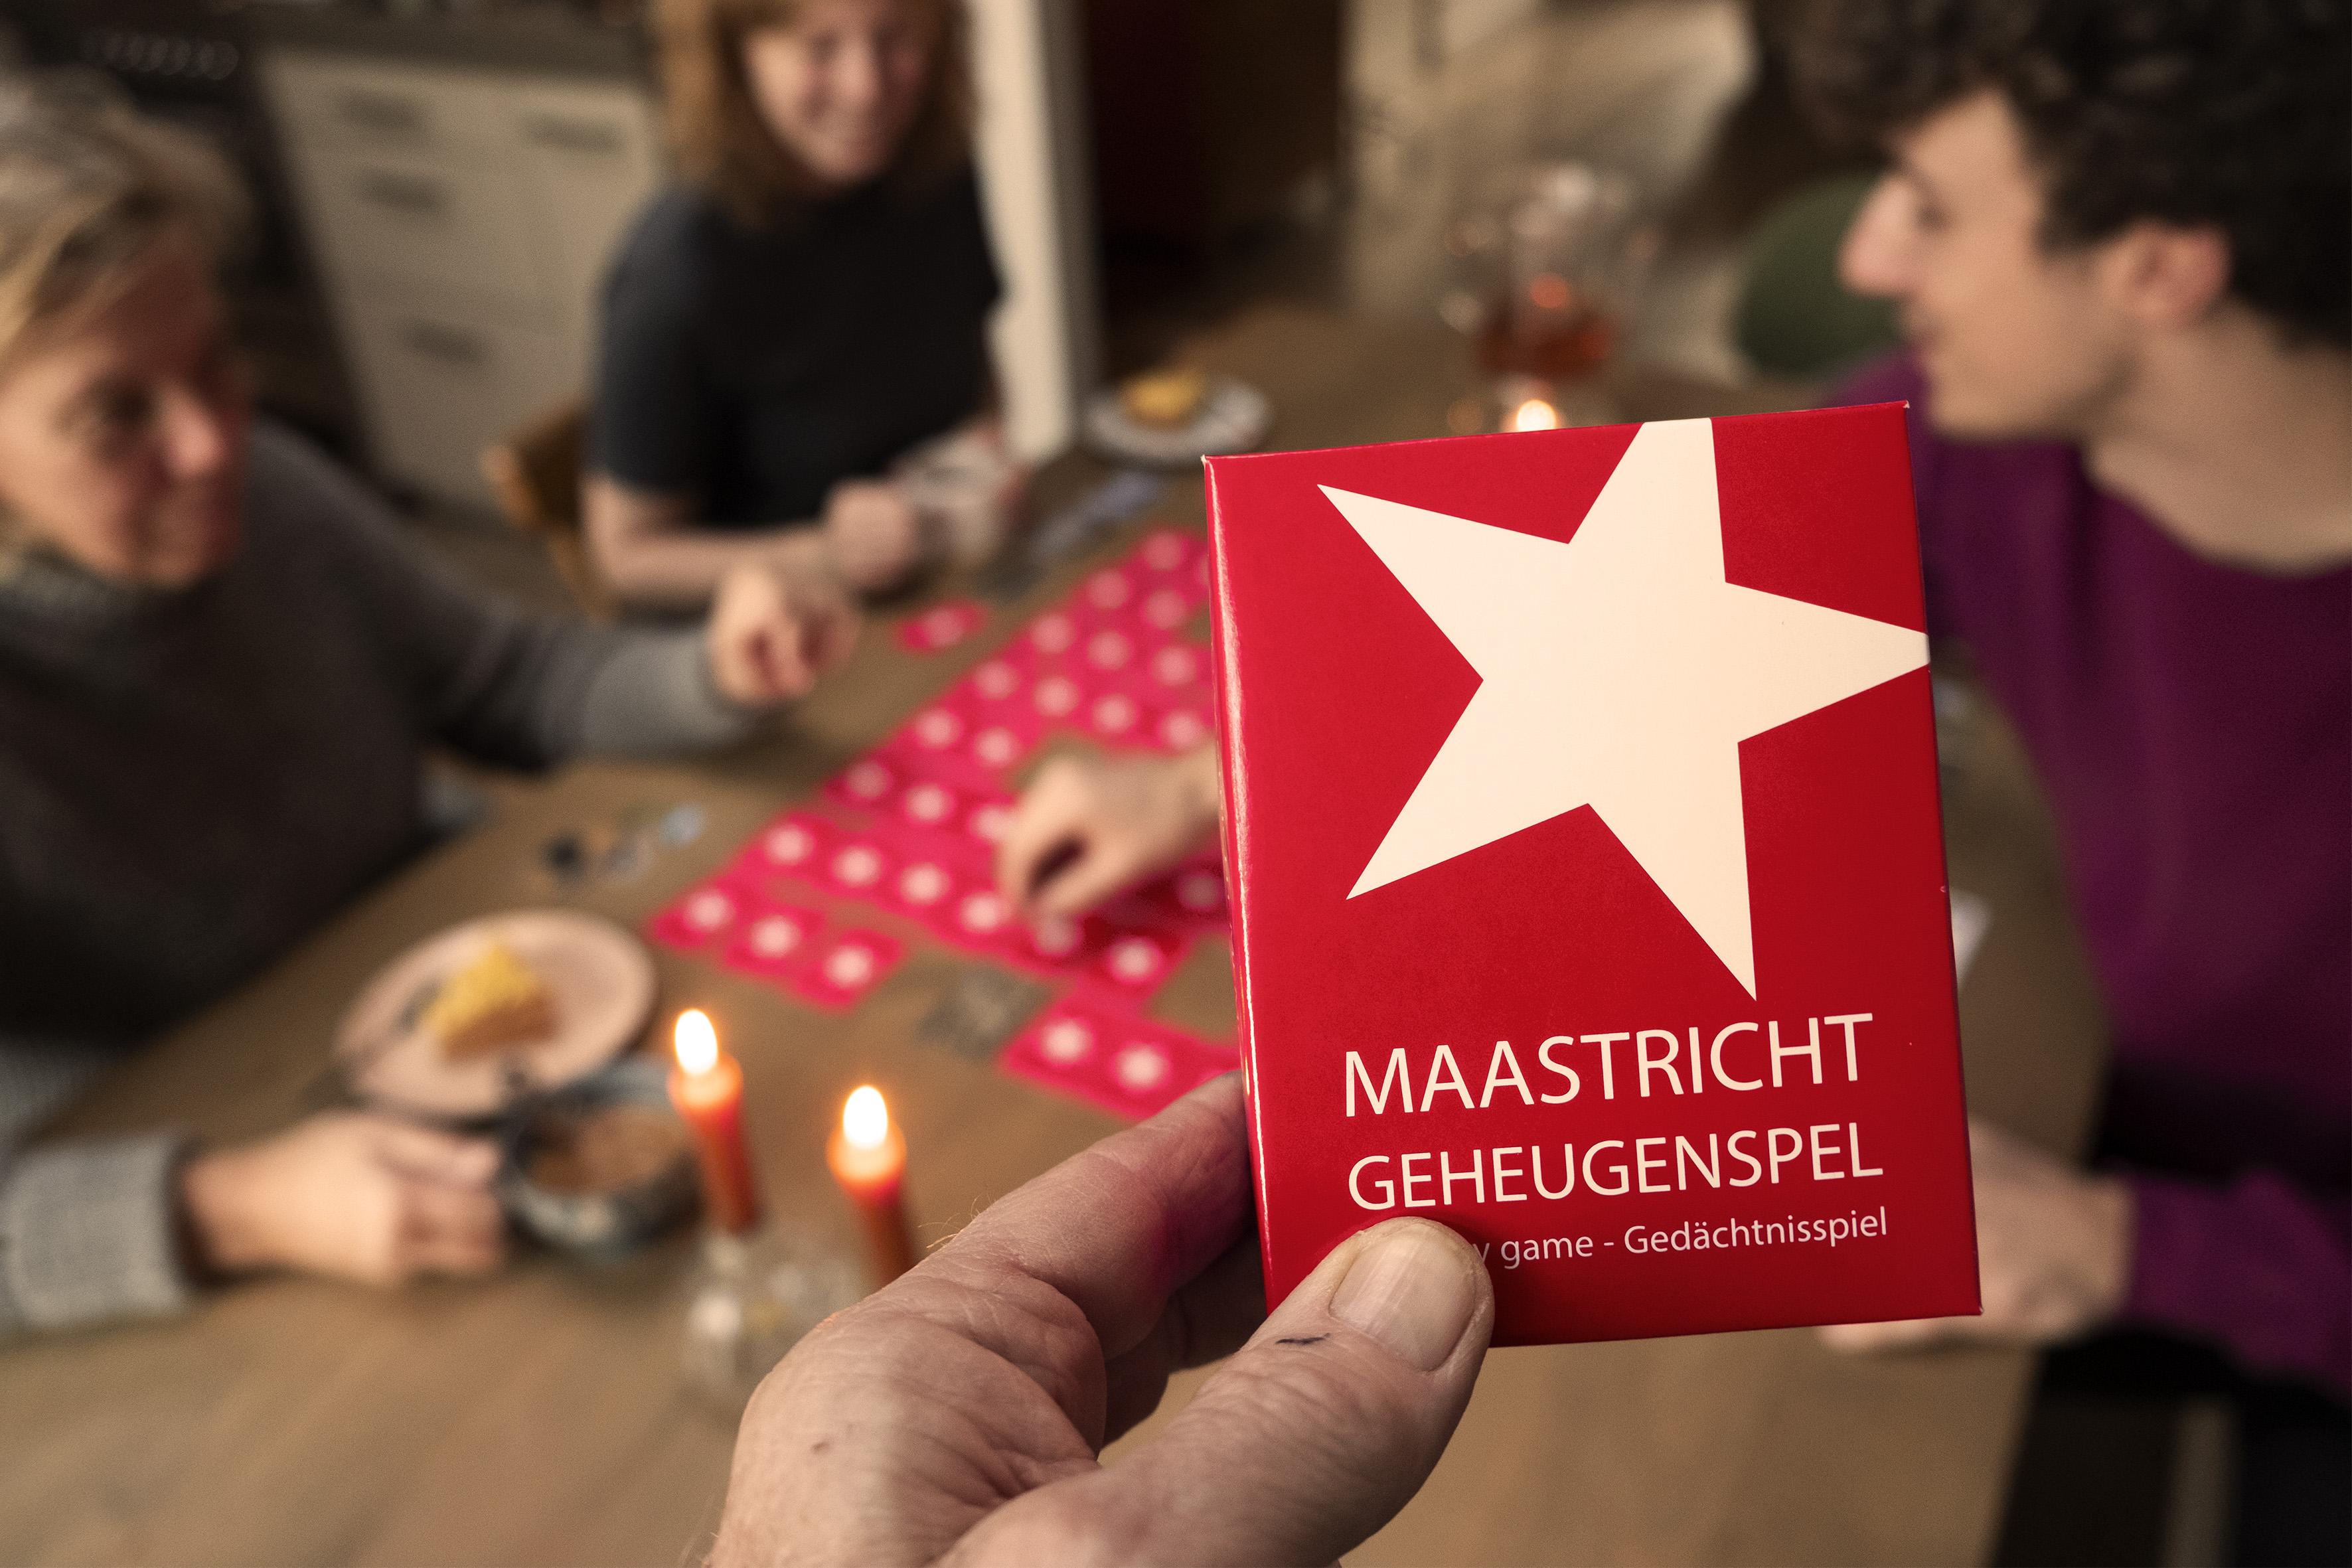 Maastricht-geheugenspel-012